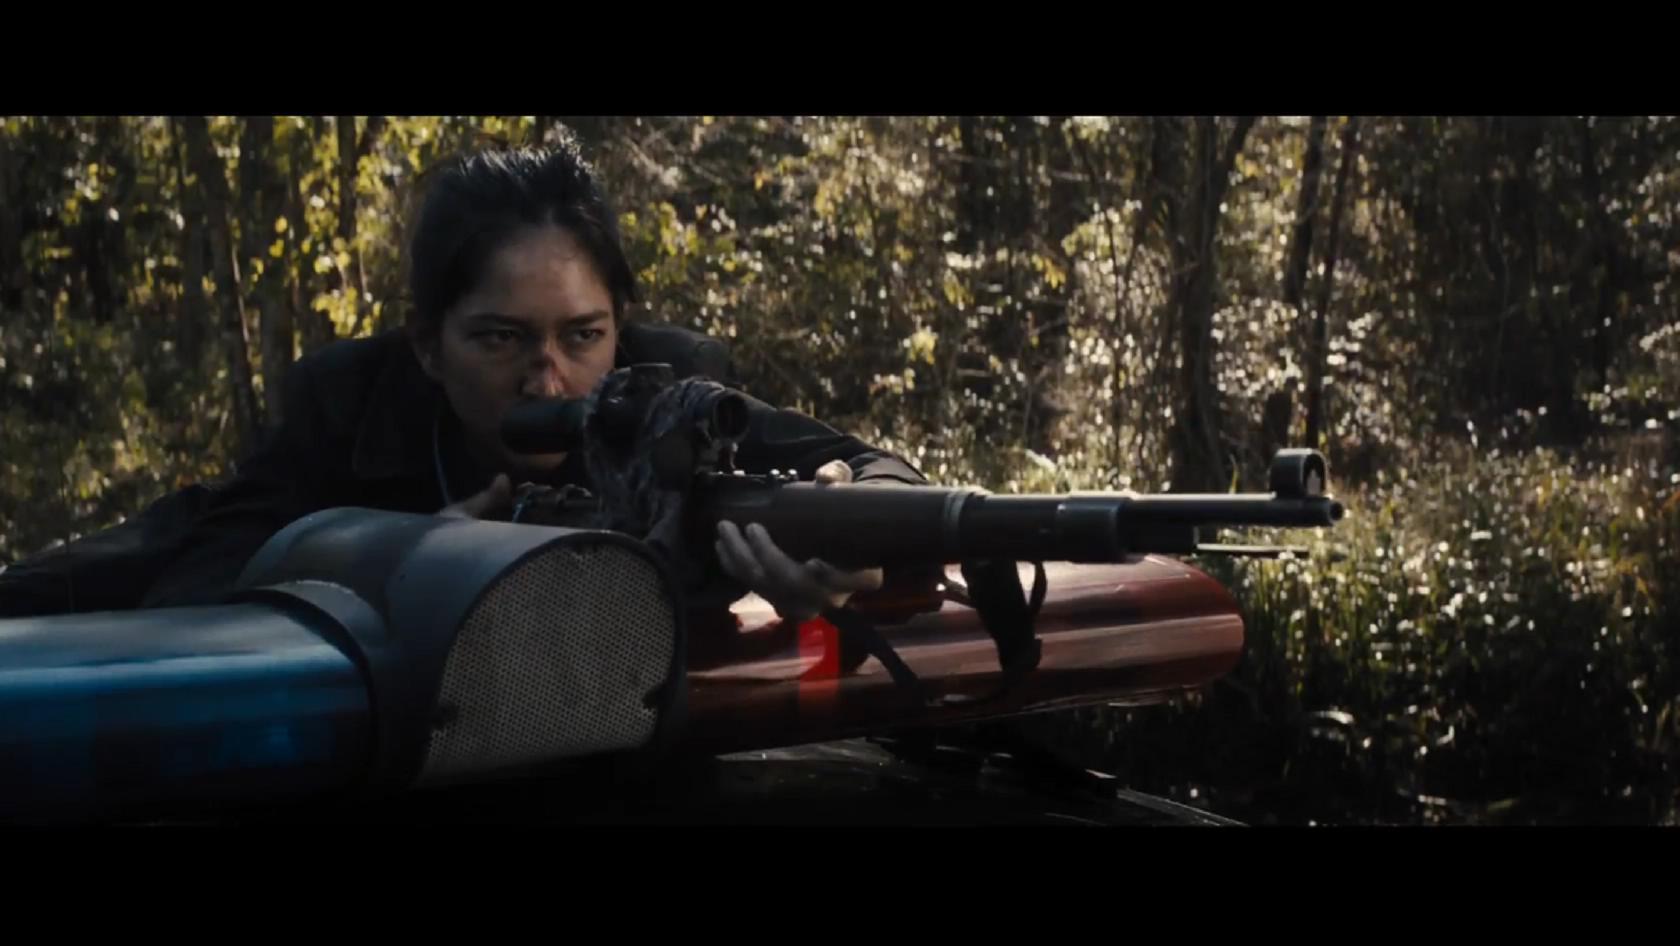 #经典看电影#小洋妞用毛瑟98K狙击步枪,干掉装备精良的黑帮,最新动作大片